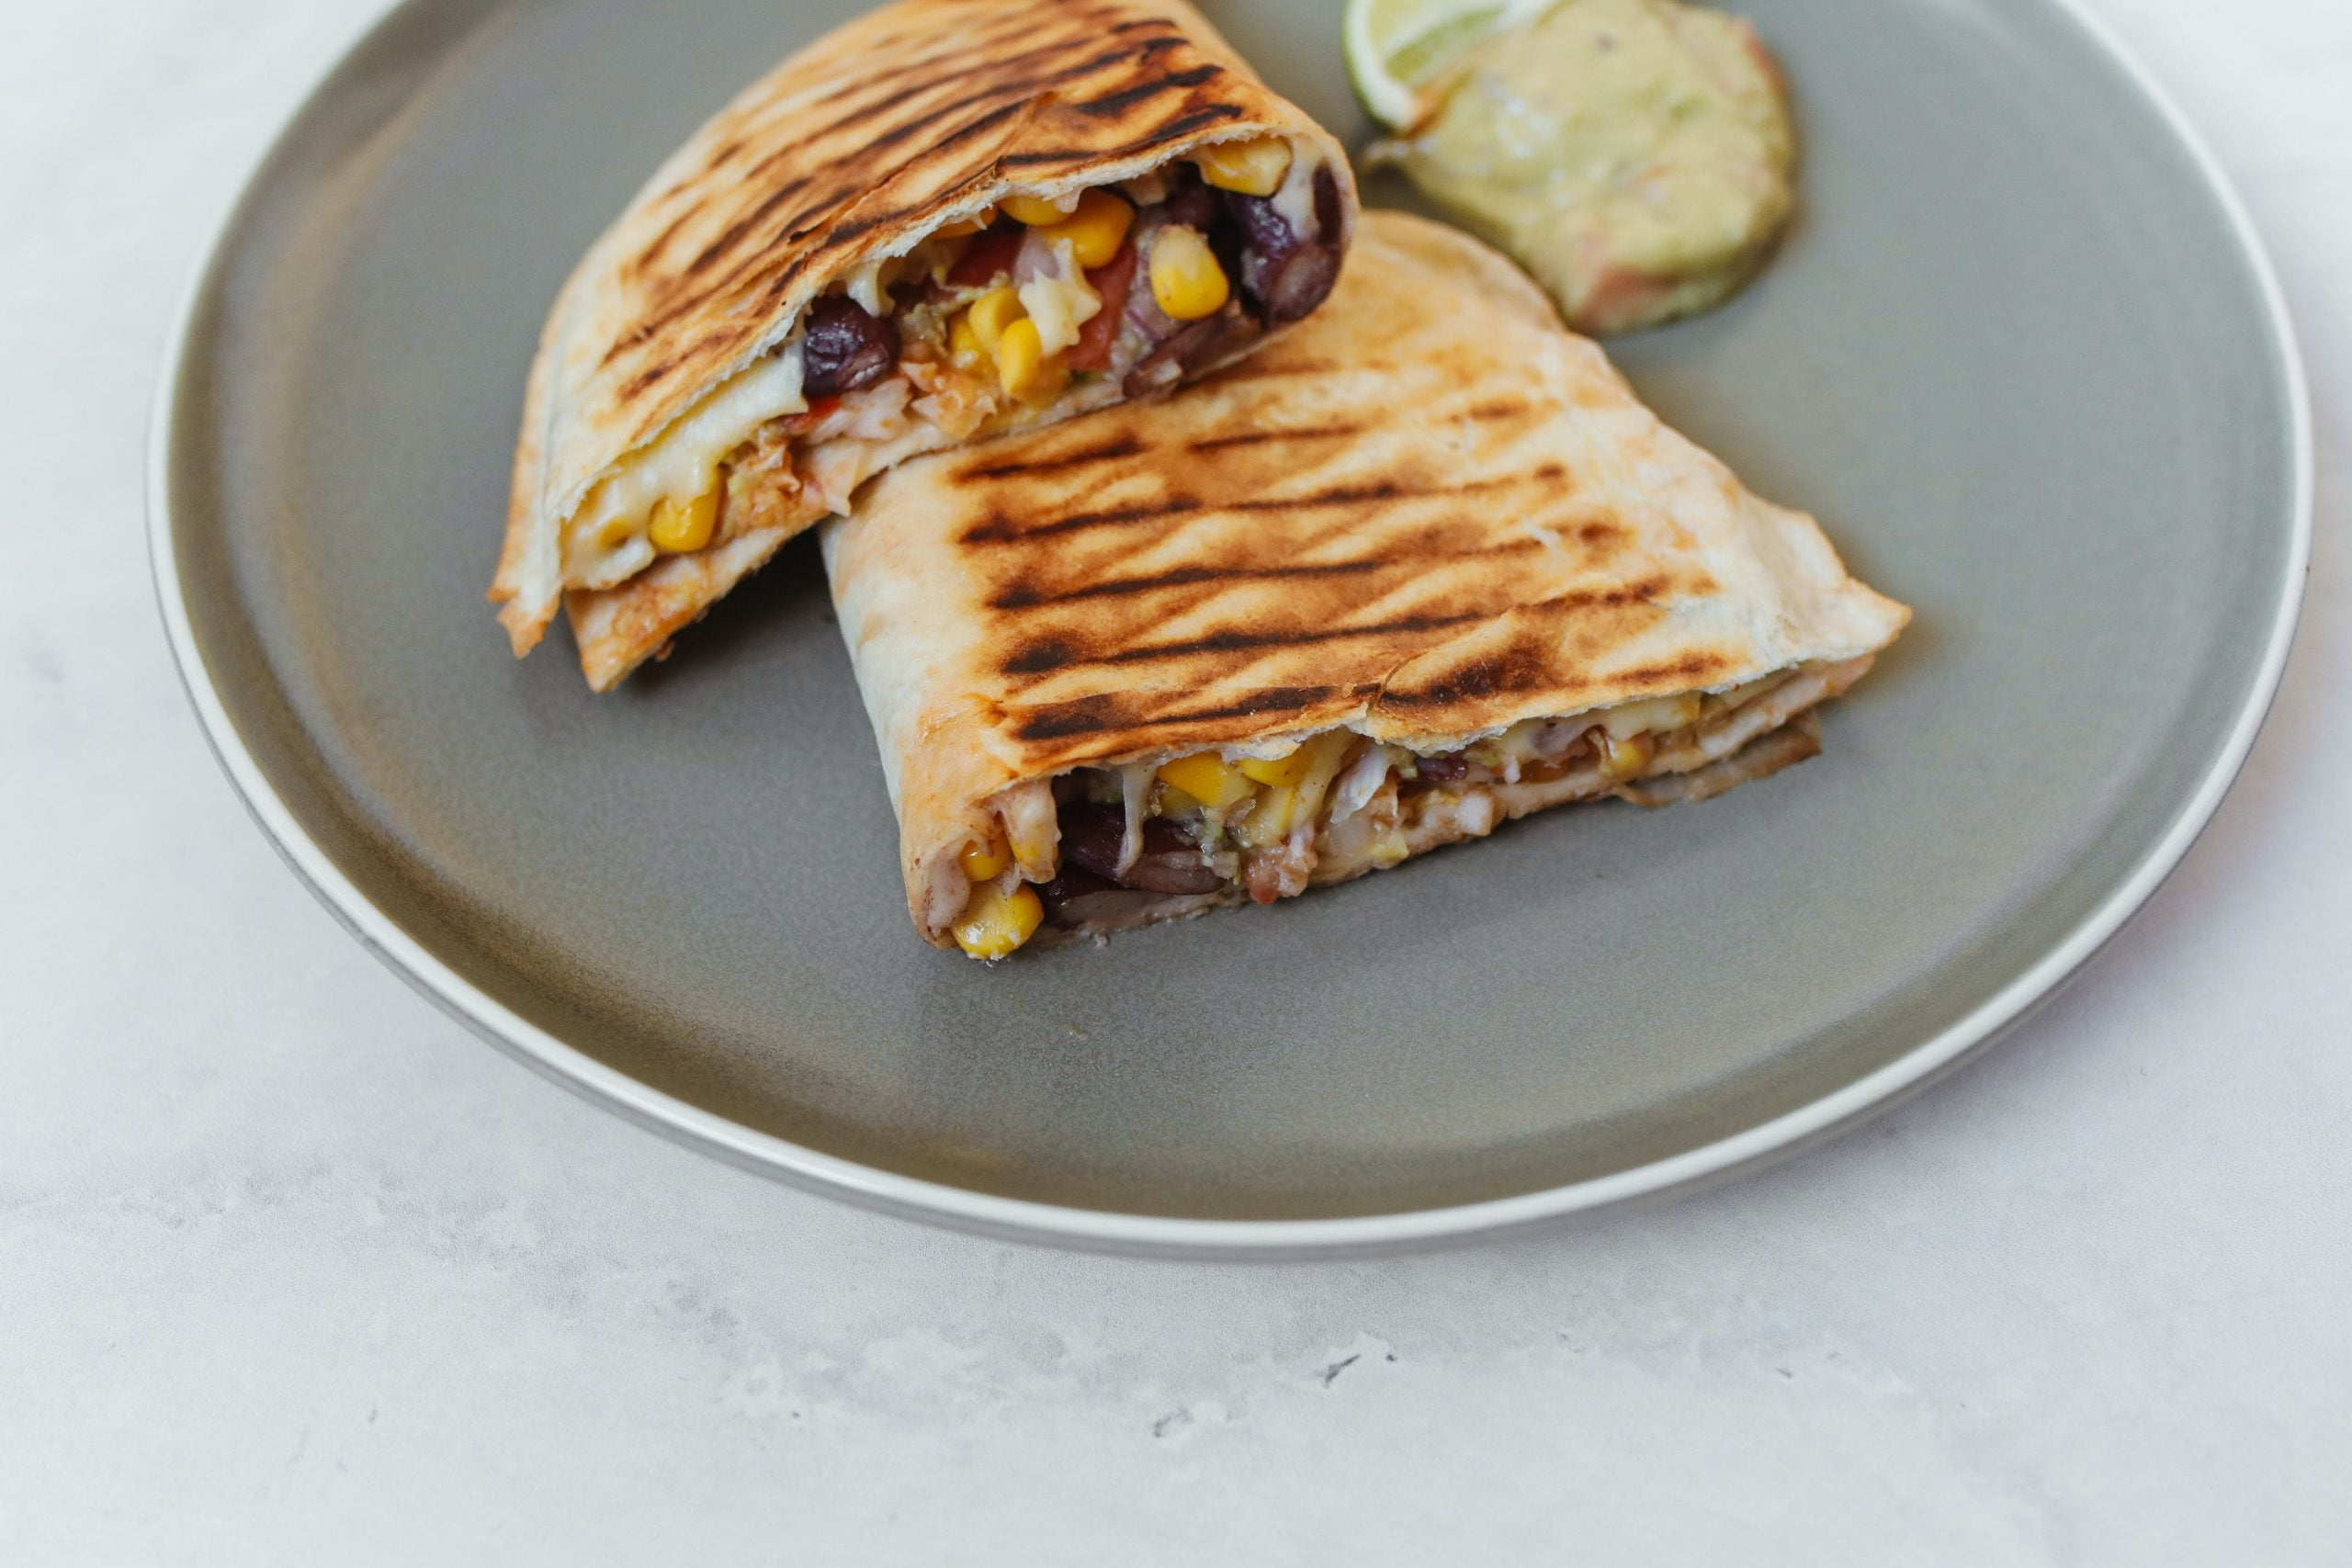 En lezzetli Meksika usülü yemeklerden birisi olan Burritto tarifi. Burritto dürümü nasıl yapılır? https://huglero.com